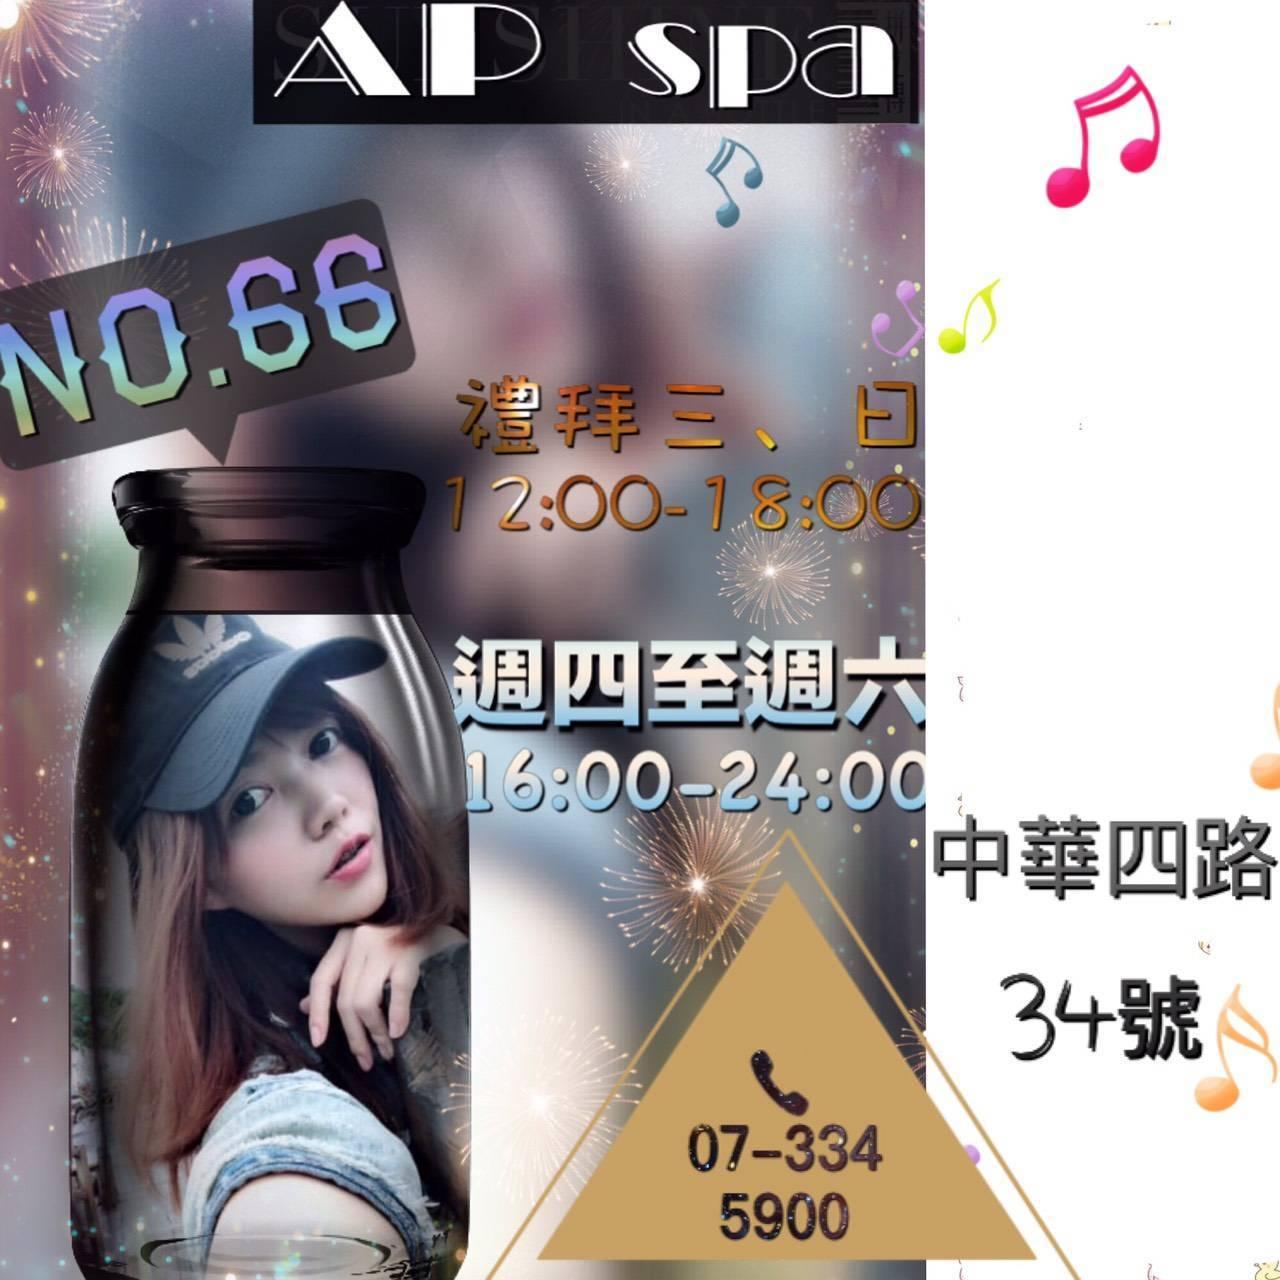 高雄按摩-AP spa精品養生會館